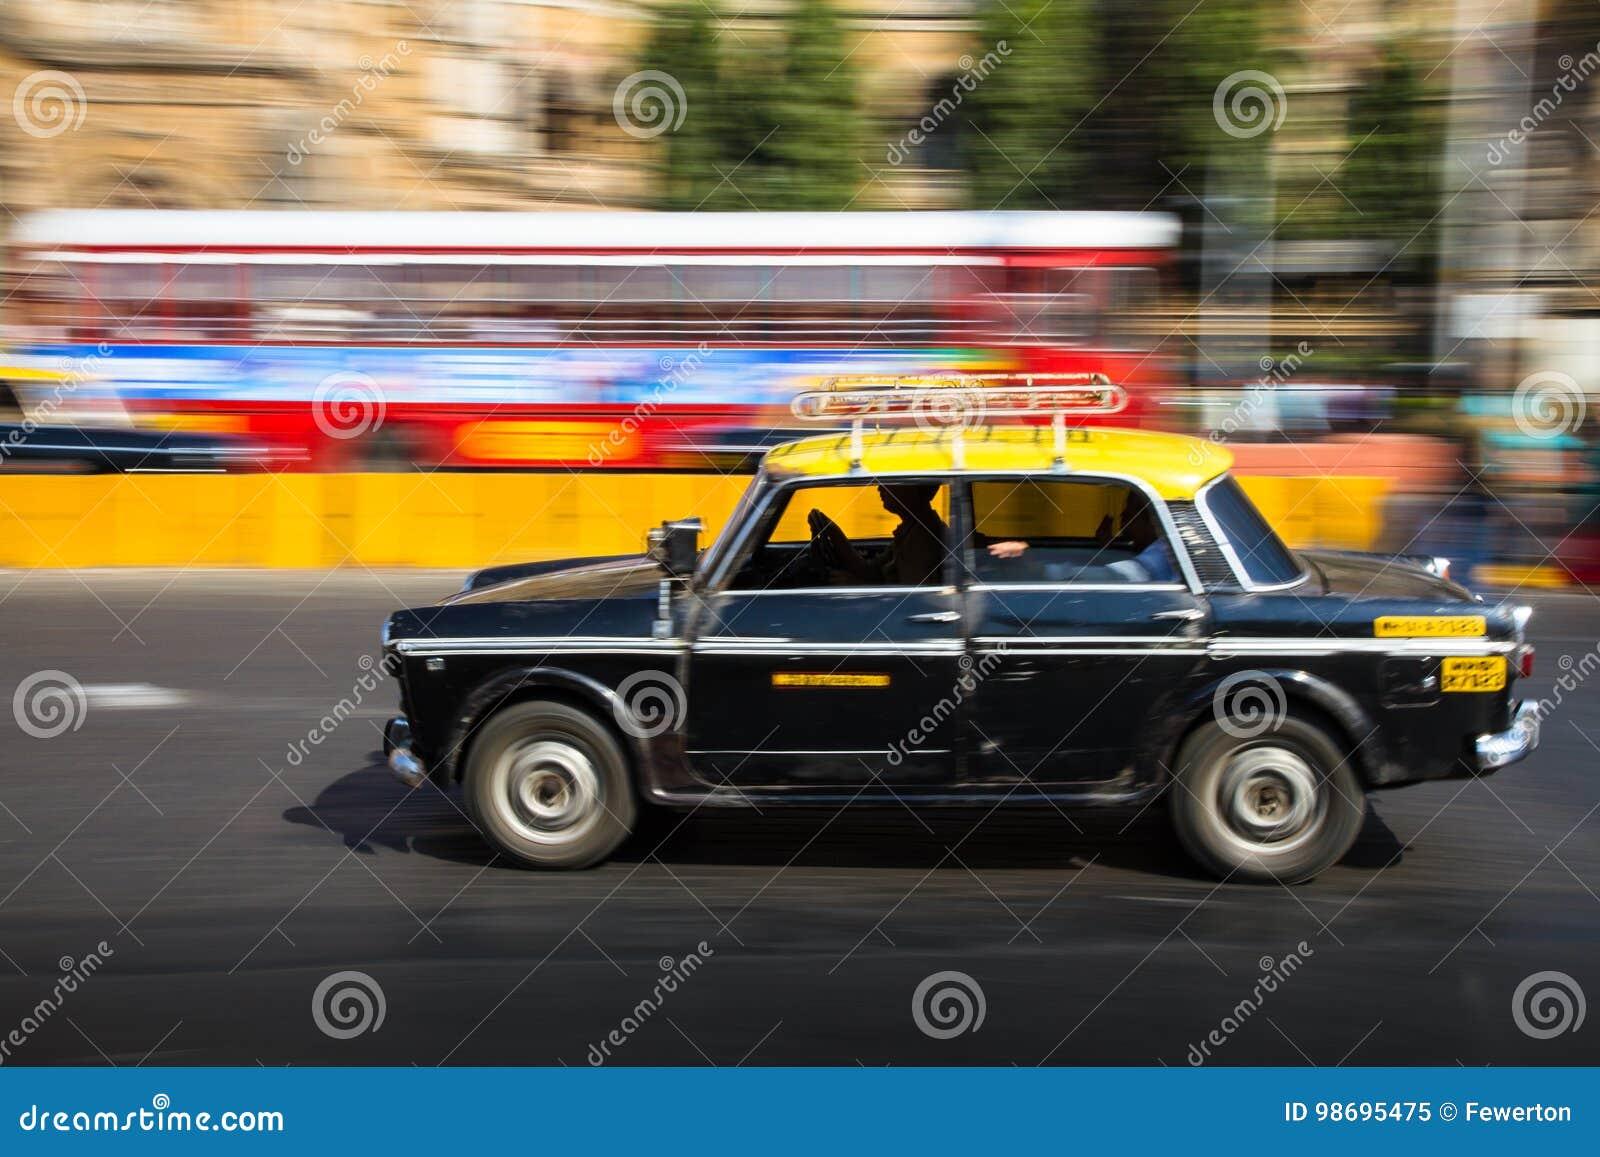 Taxi negro y amarillo tradicional viejo en el movimiento representado con la toma panorámica de la falta de definición de movimie